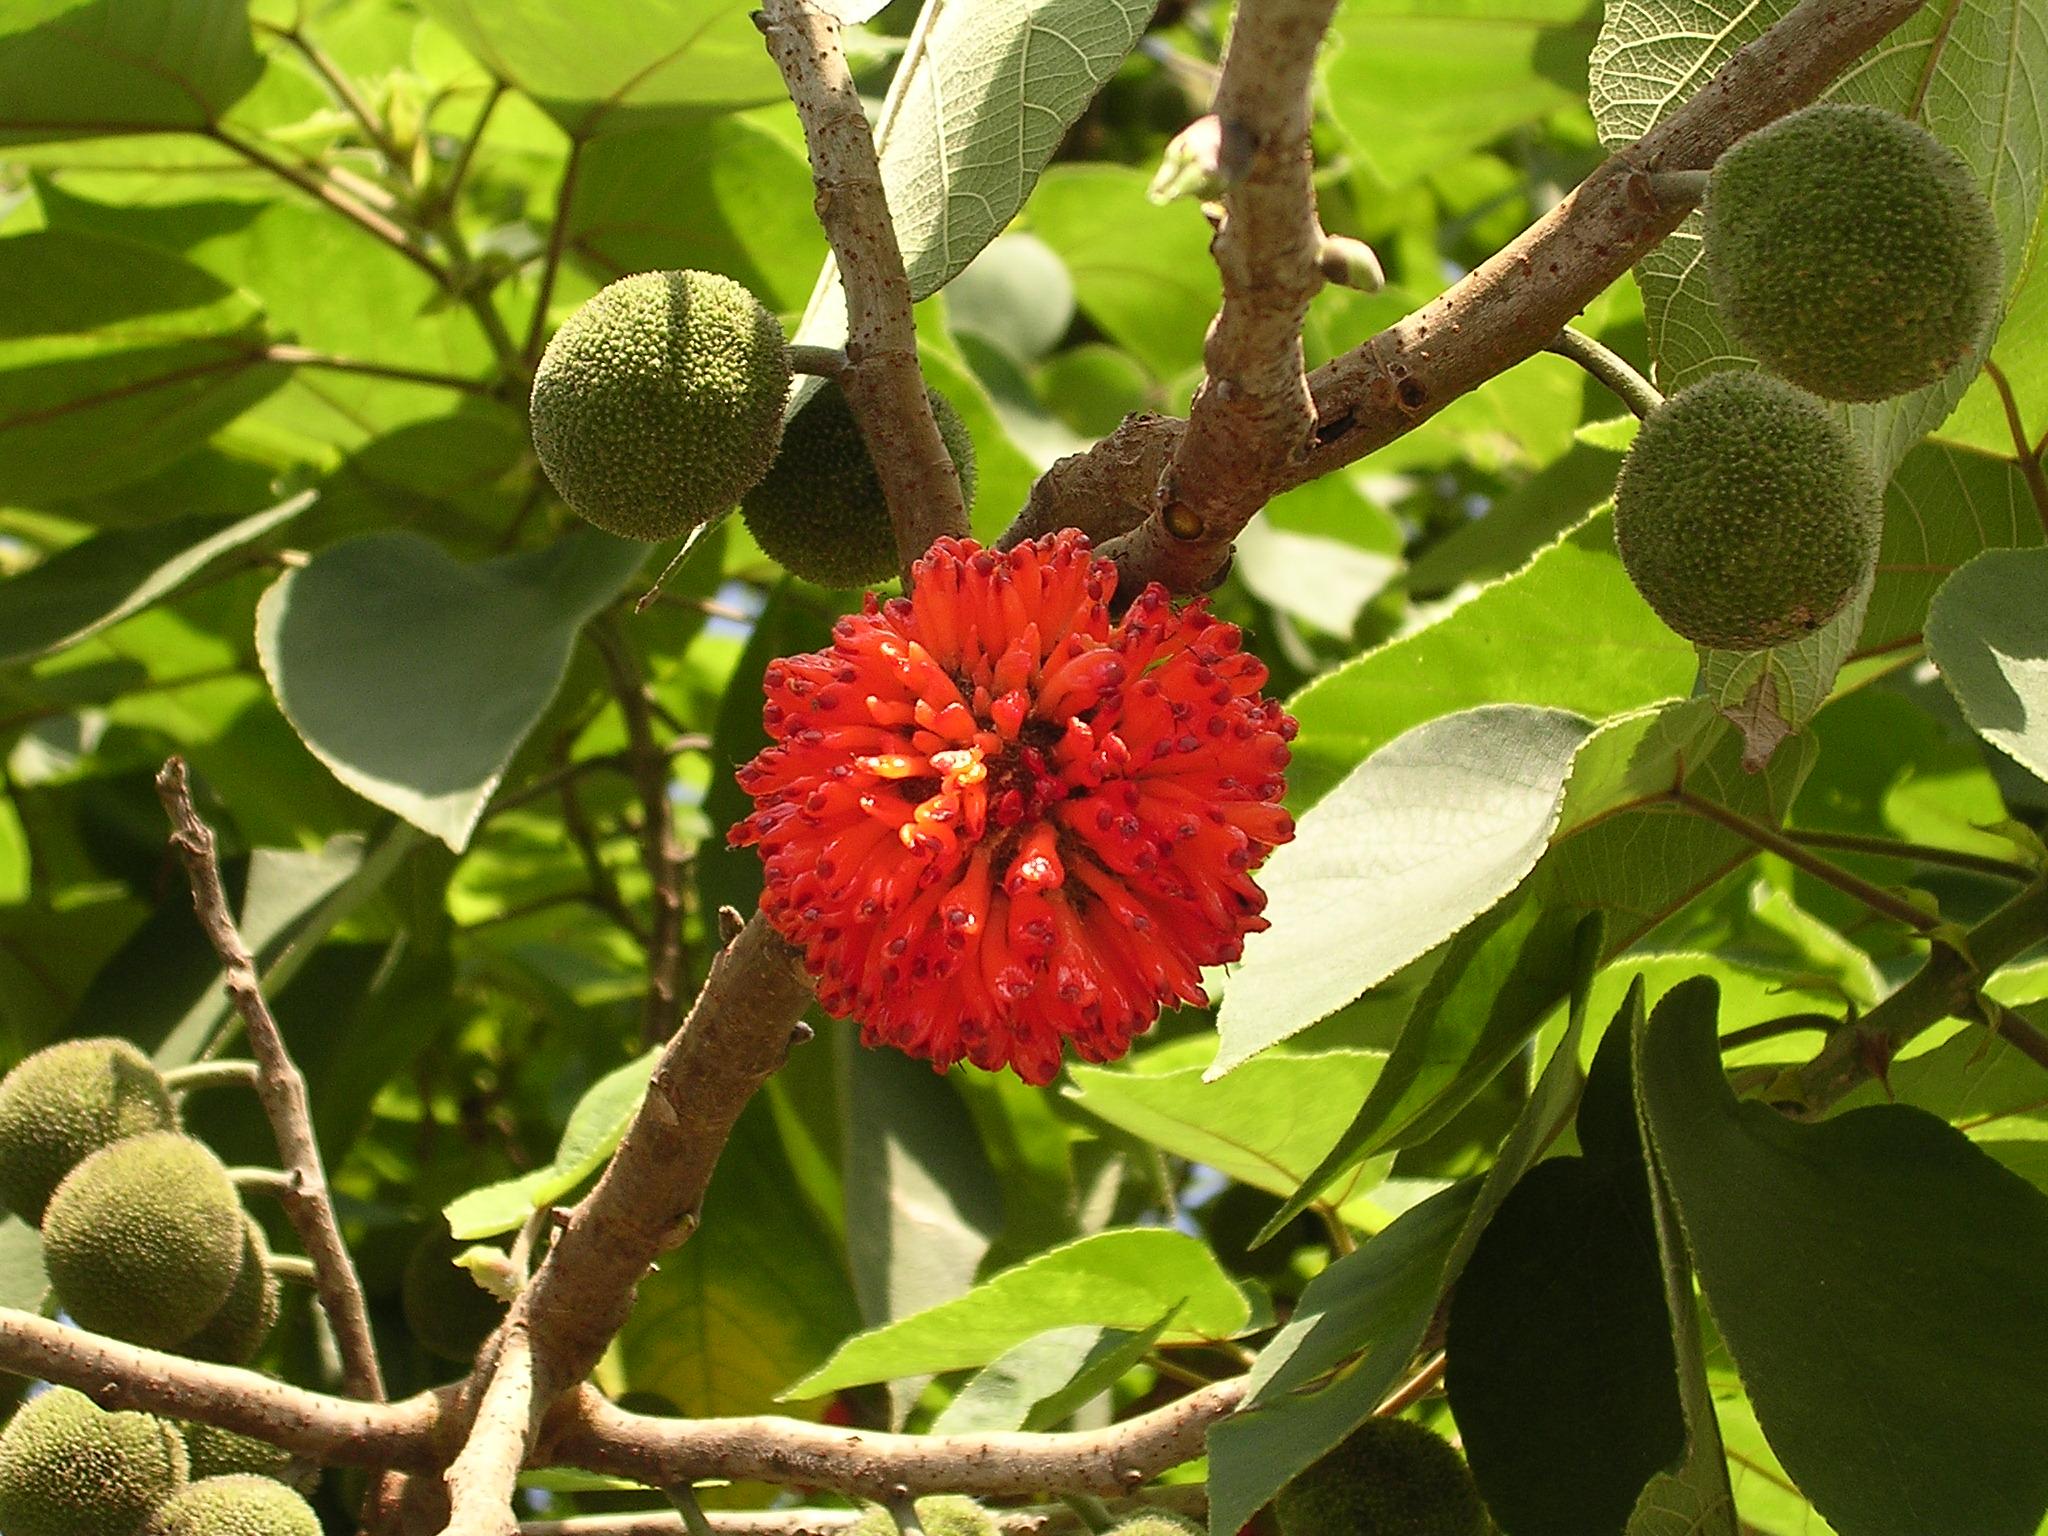 зеленый плод, оранжевый цветок, листья зеленые, ветка